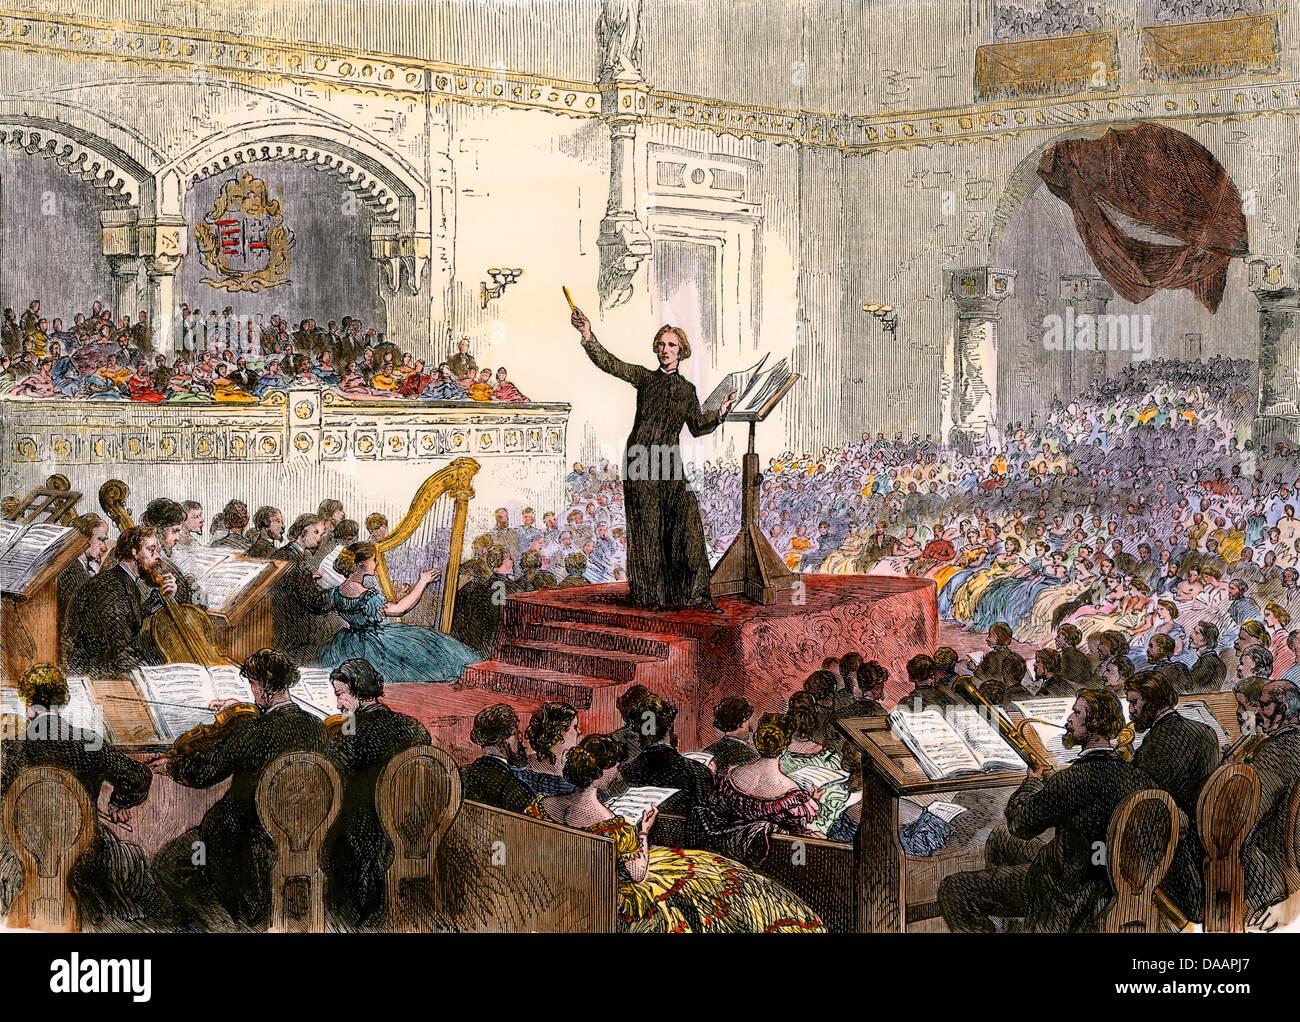 Franzi Liszt conducendo il suo nuovo oratorio a Budapest, Ungheria, 1860s. Immagini Stock